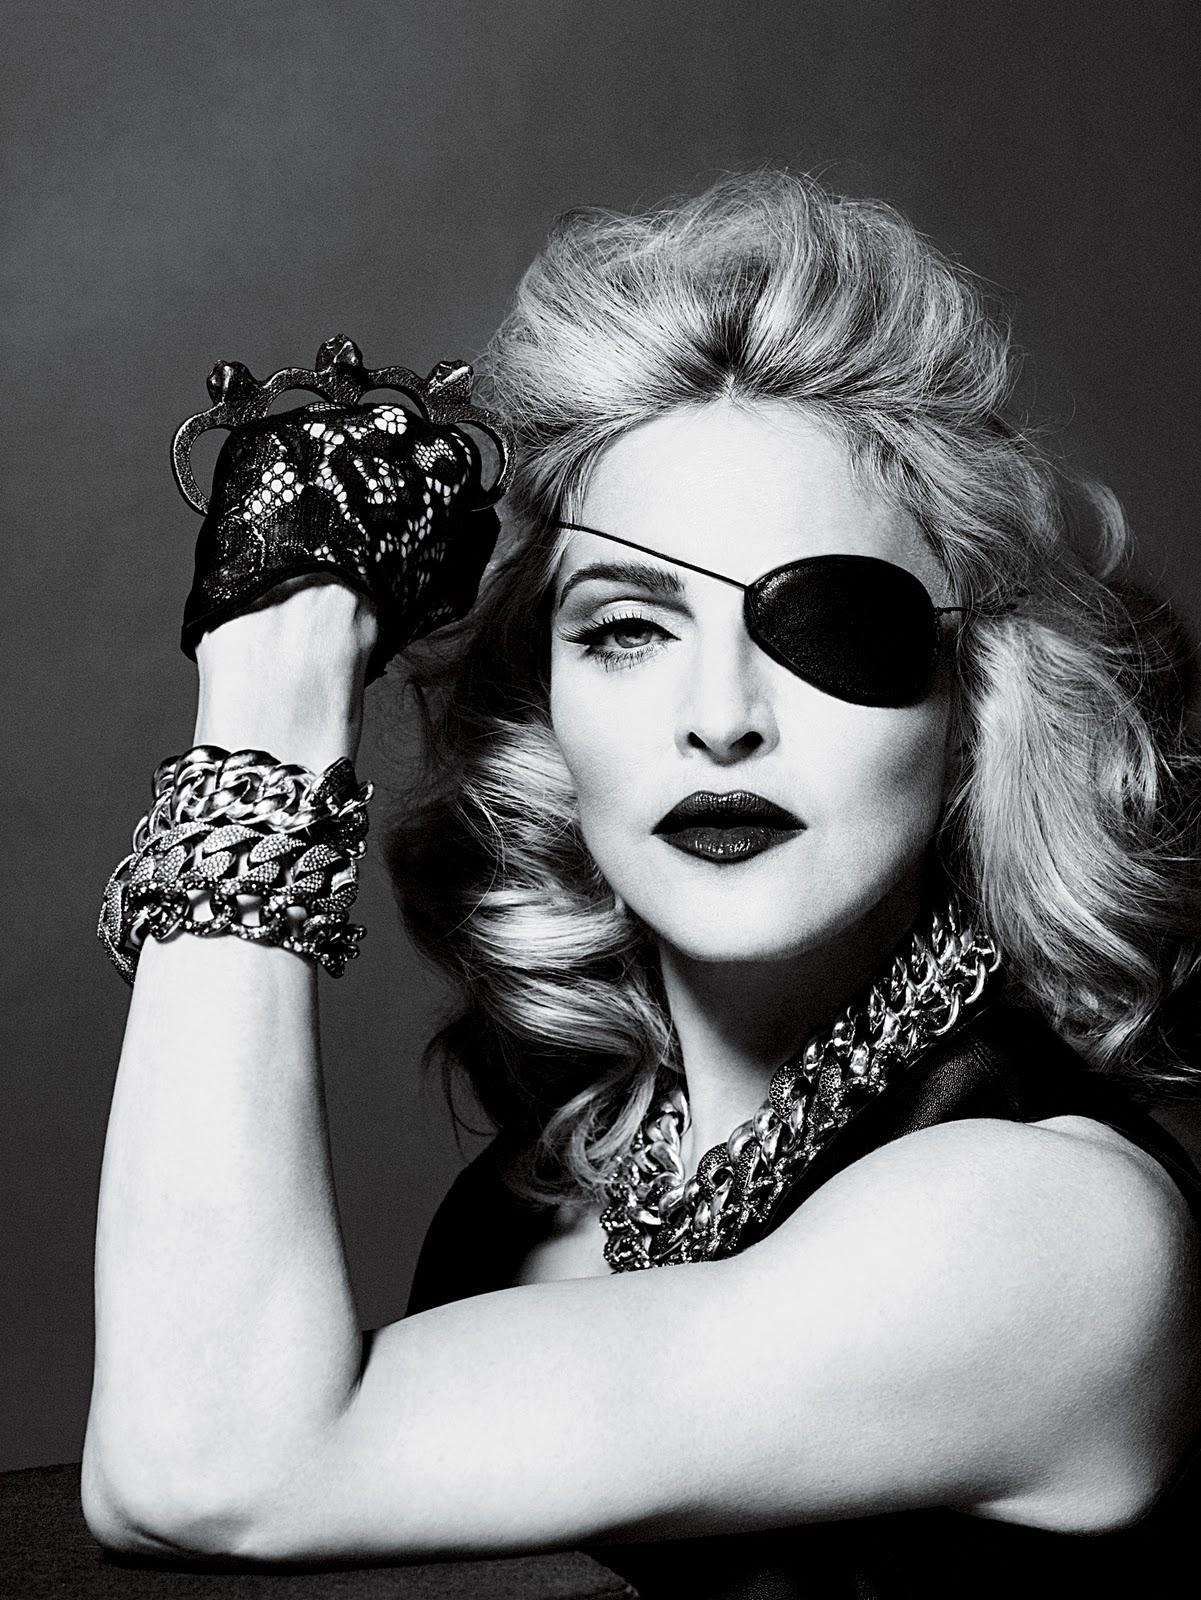 http://3.bp.blogspot.com/_0pynAn-Ksz4/S9_h3If3ClI/AAAAAAAAJEs/32amOHbPk_E/s1600/2010+-+Madonna+by+Alas+&+Piggott+for+Interview+-+14.jpg